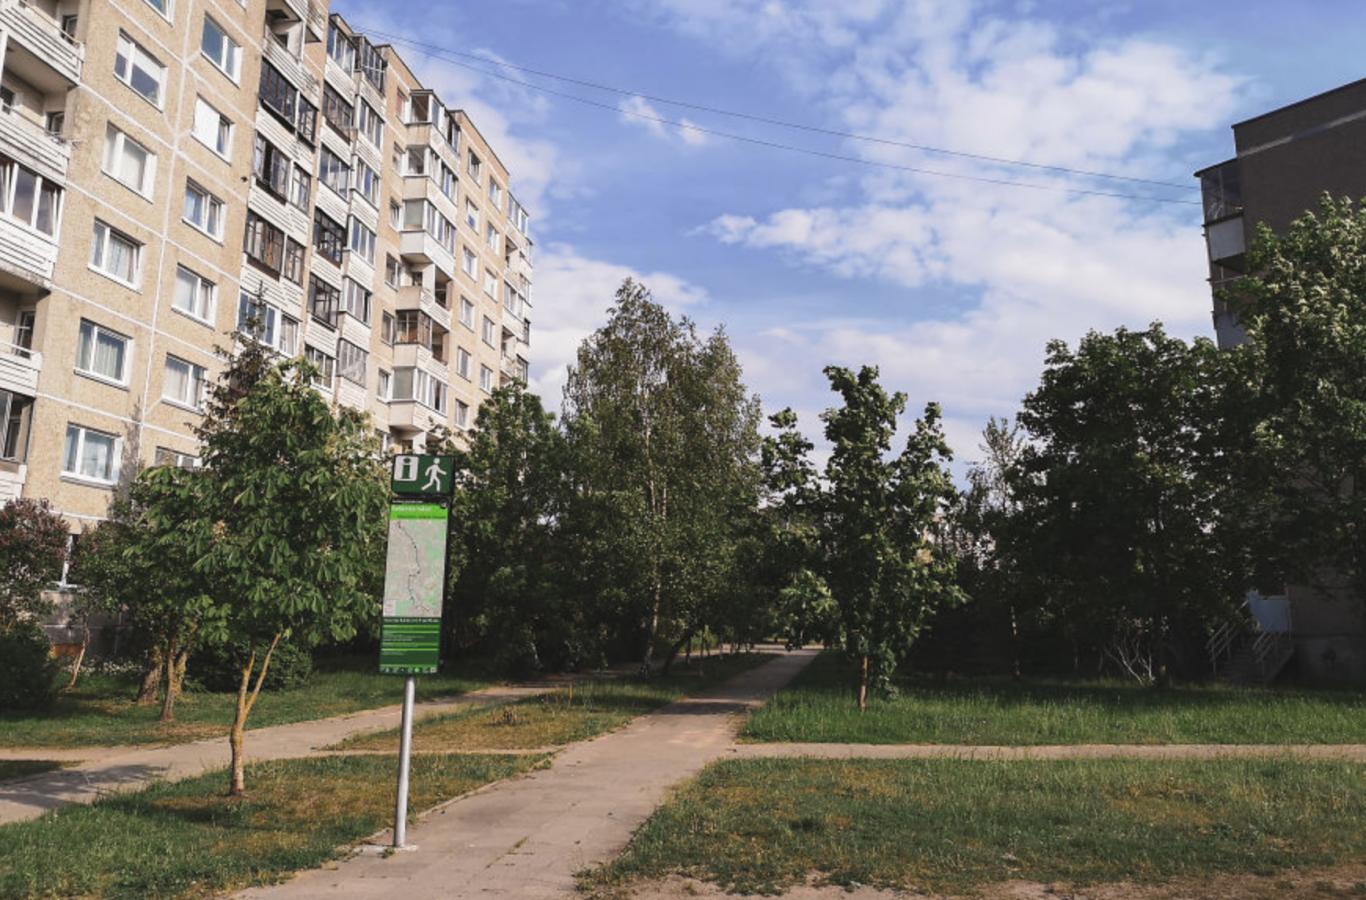 série chernobyl cidade 5